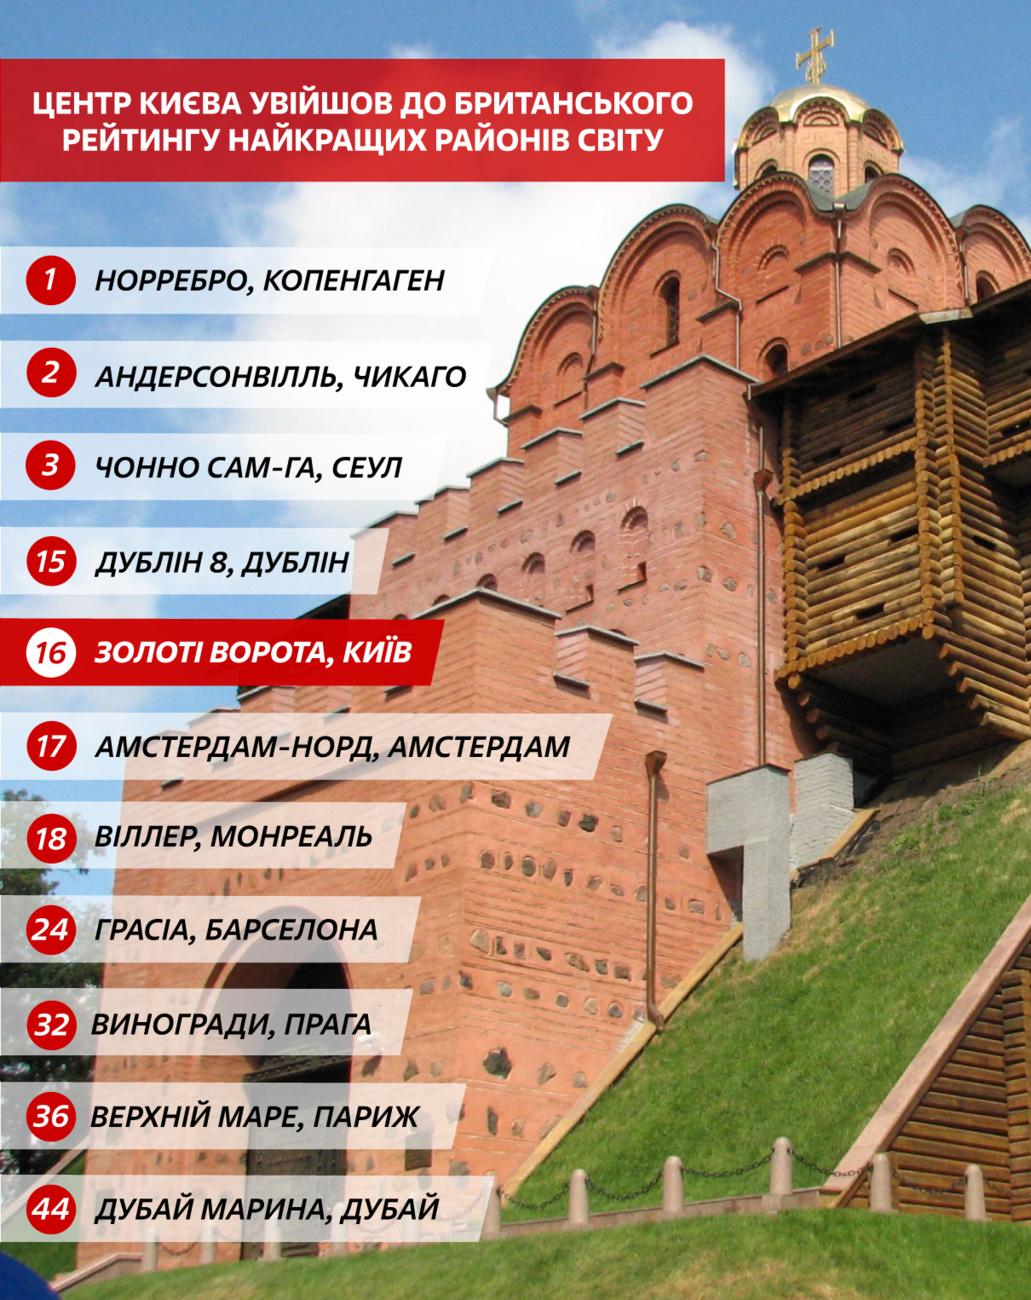 Фото: kyiv.comments.ua